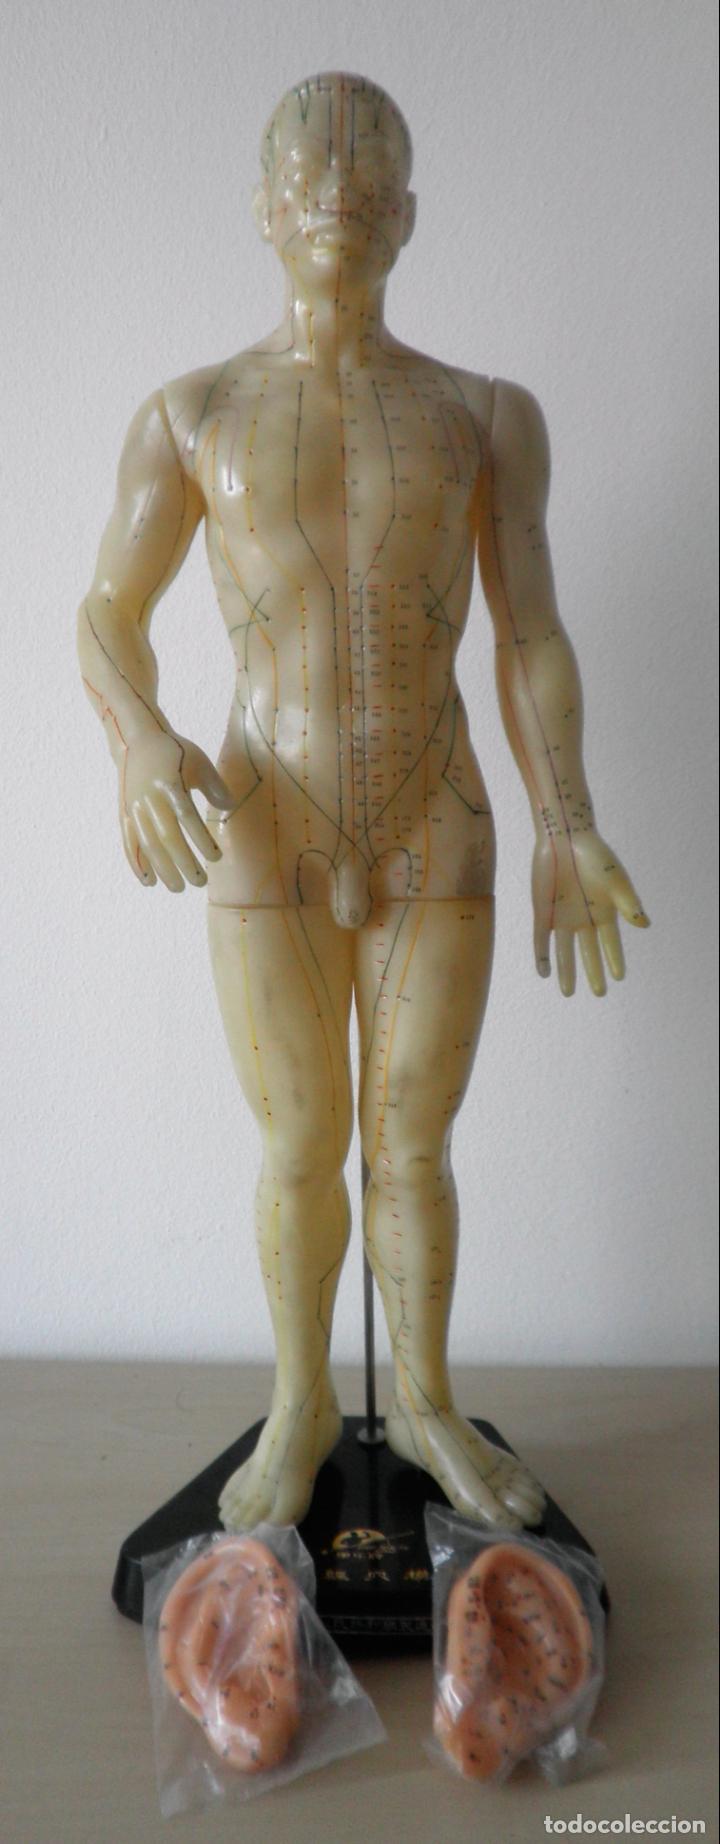 Antigüedades: MODELO DE ACUPUNTURA CHINO - ORIGINAL AÑOS 60. - Foto 2 - 133954186